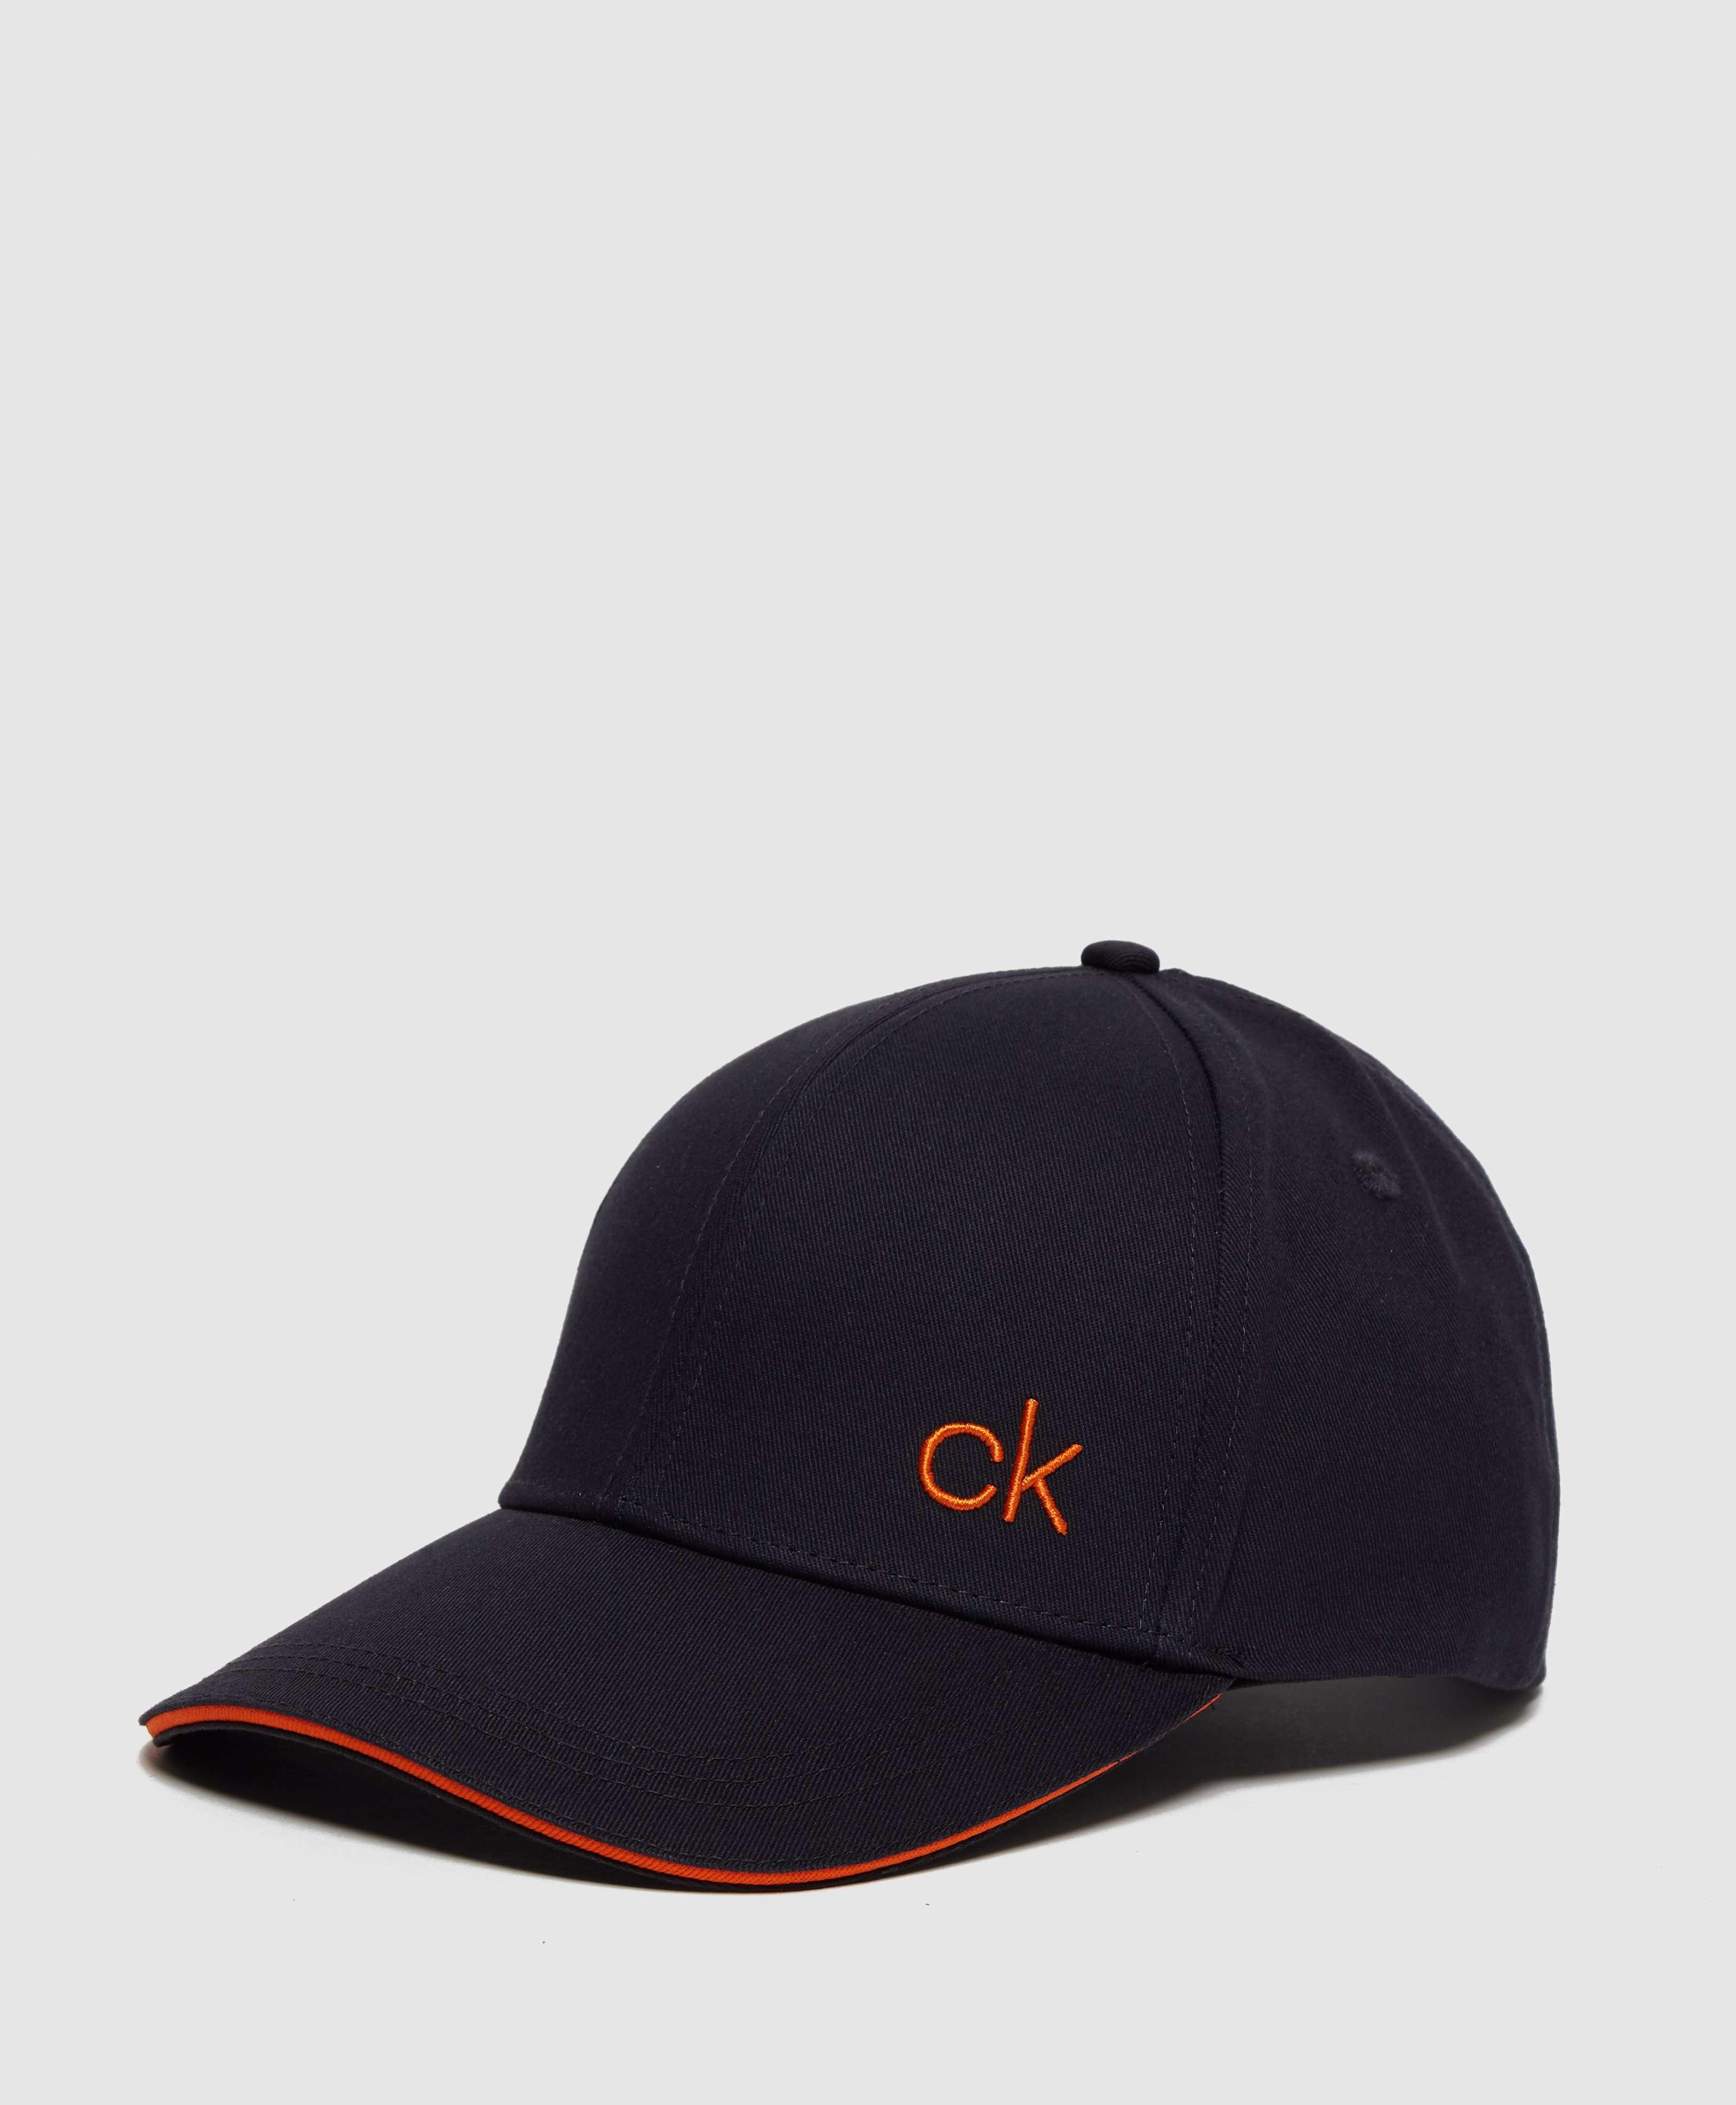 Calvin Klein Piping Cap